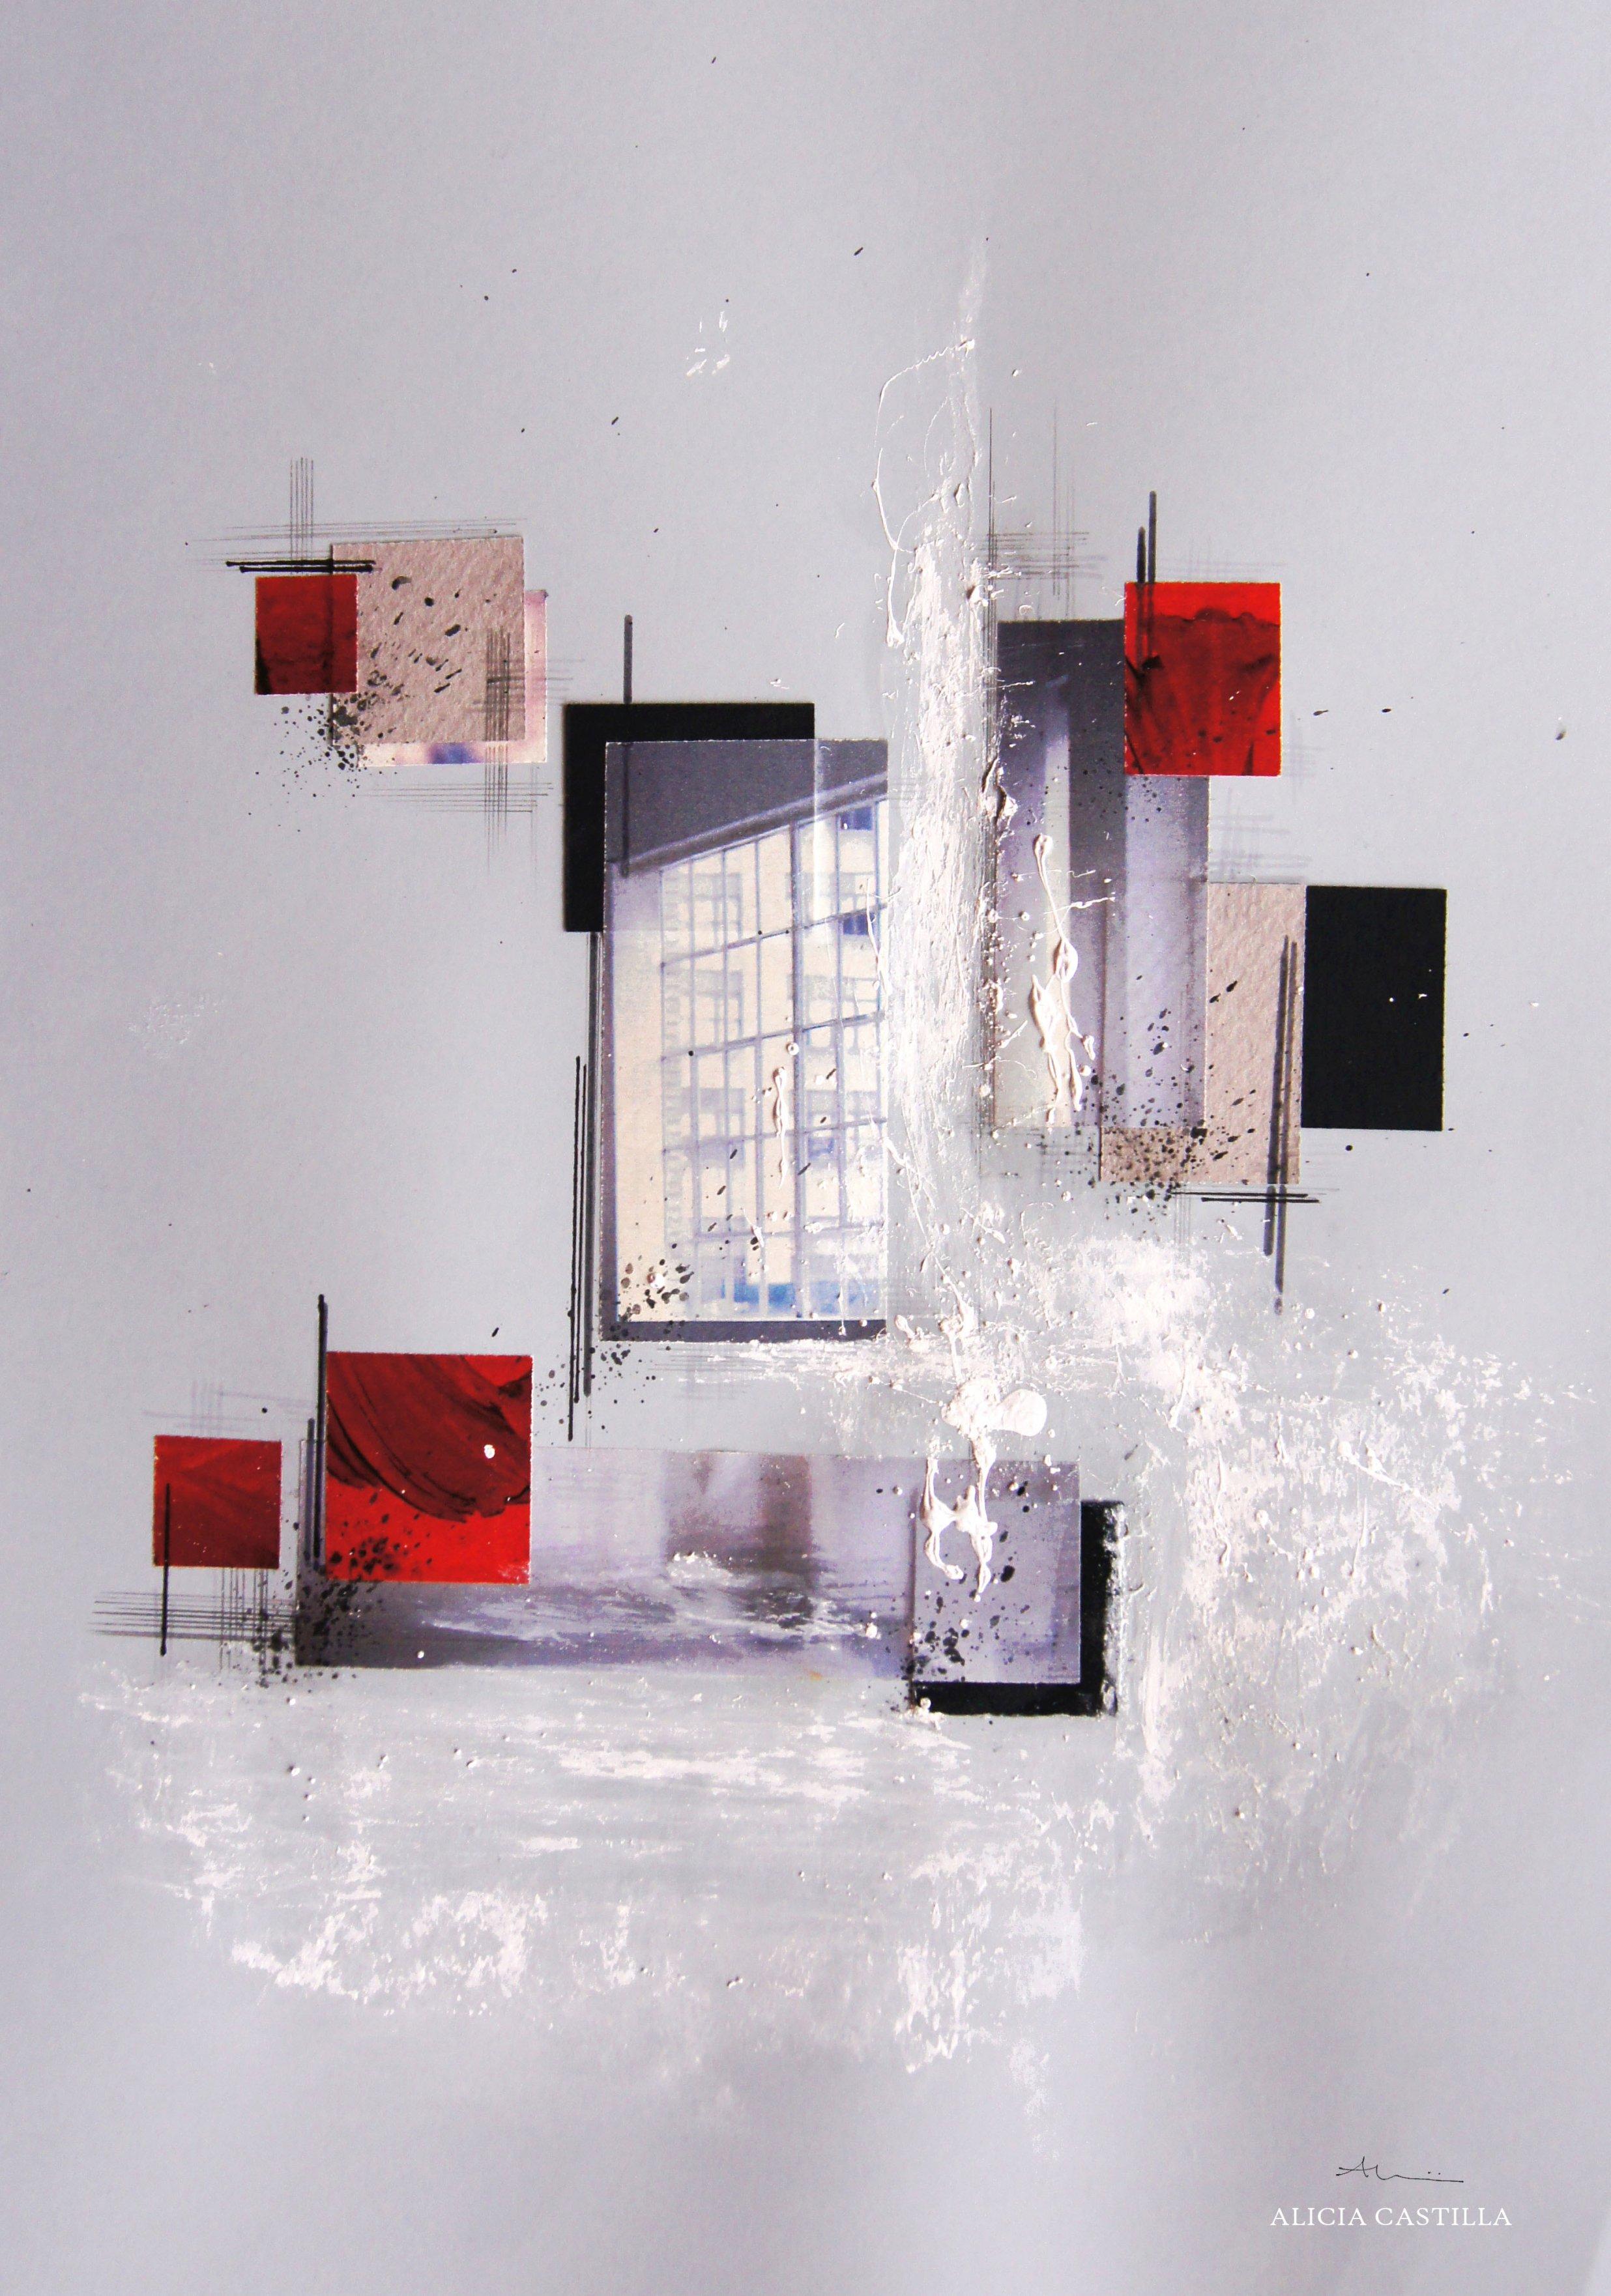 Habitación Gris (2013) - Alicia Castilla Marquez